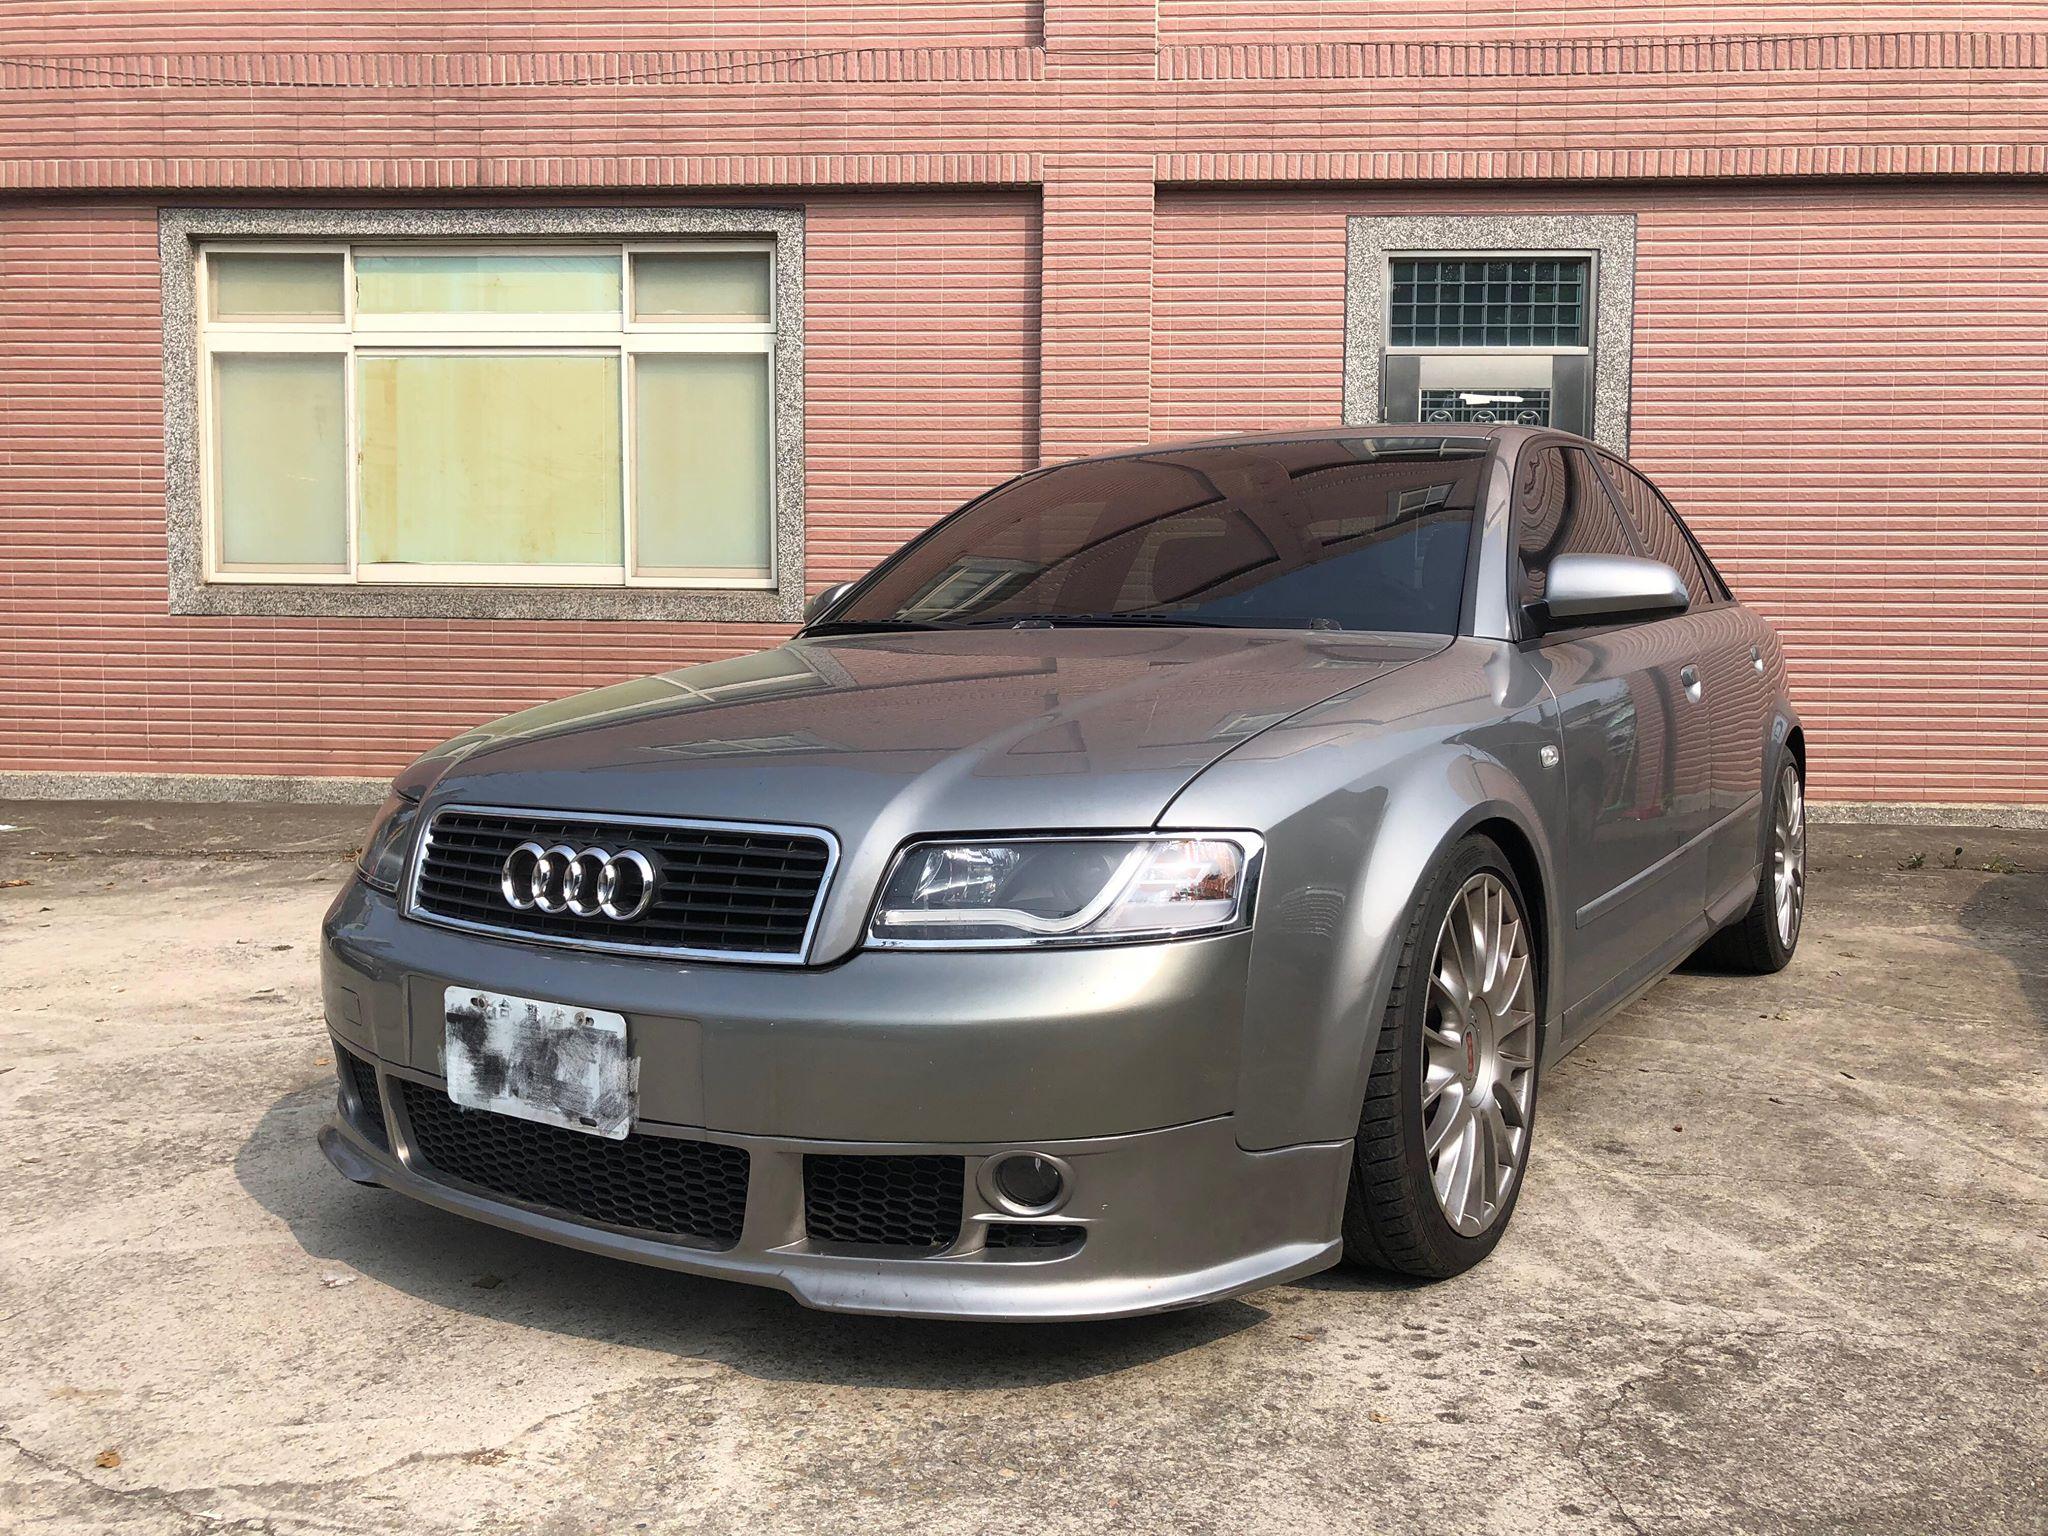 2003 Audi A4 sedan